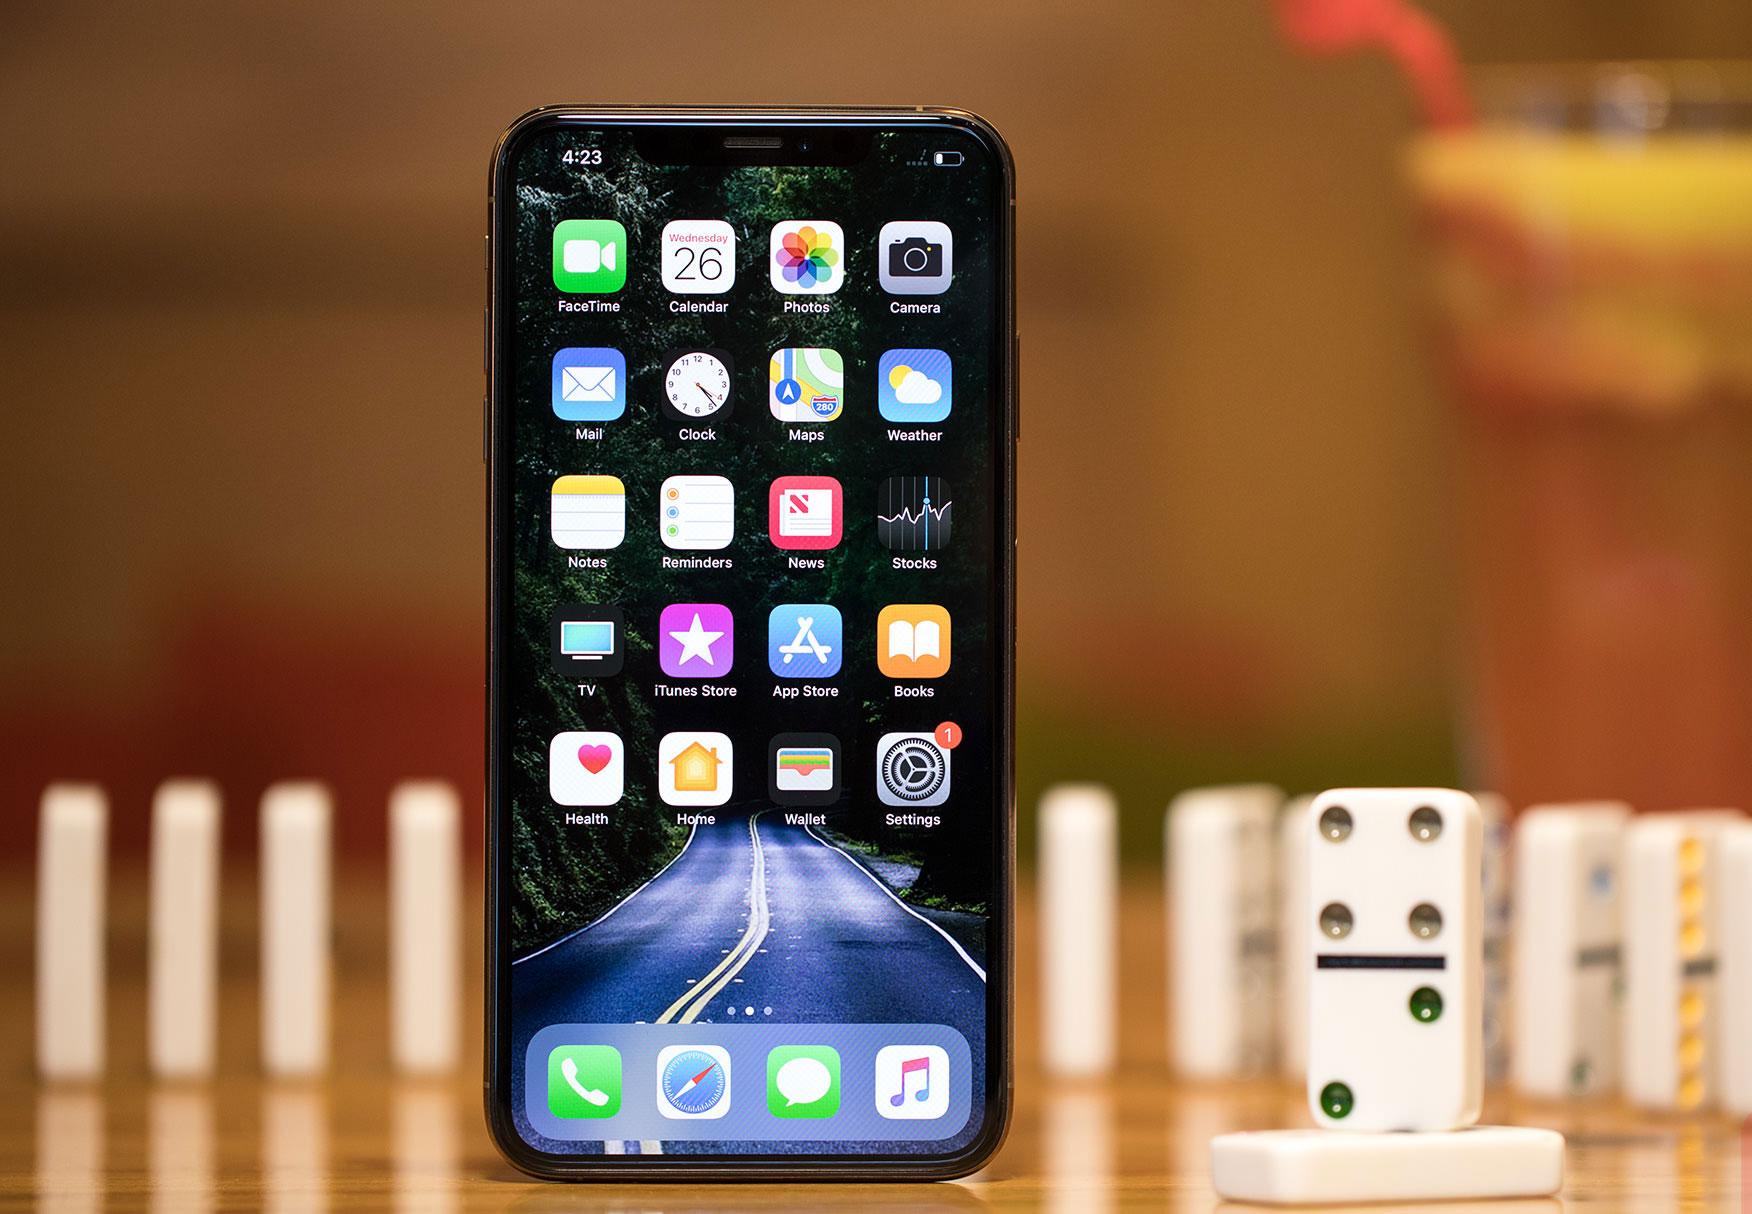 اپل طراحی مودمهای اختصاصی خود را آغاز کرده است